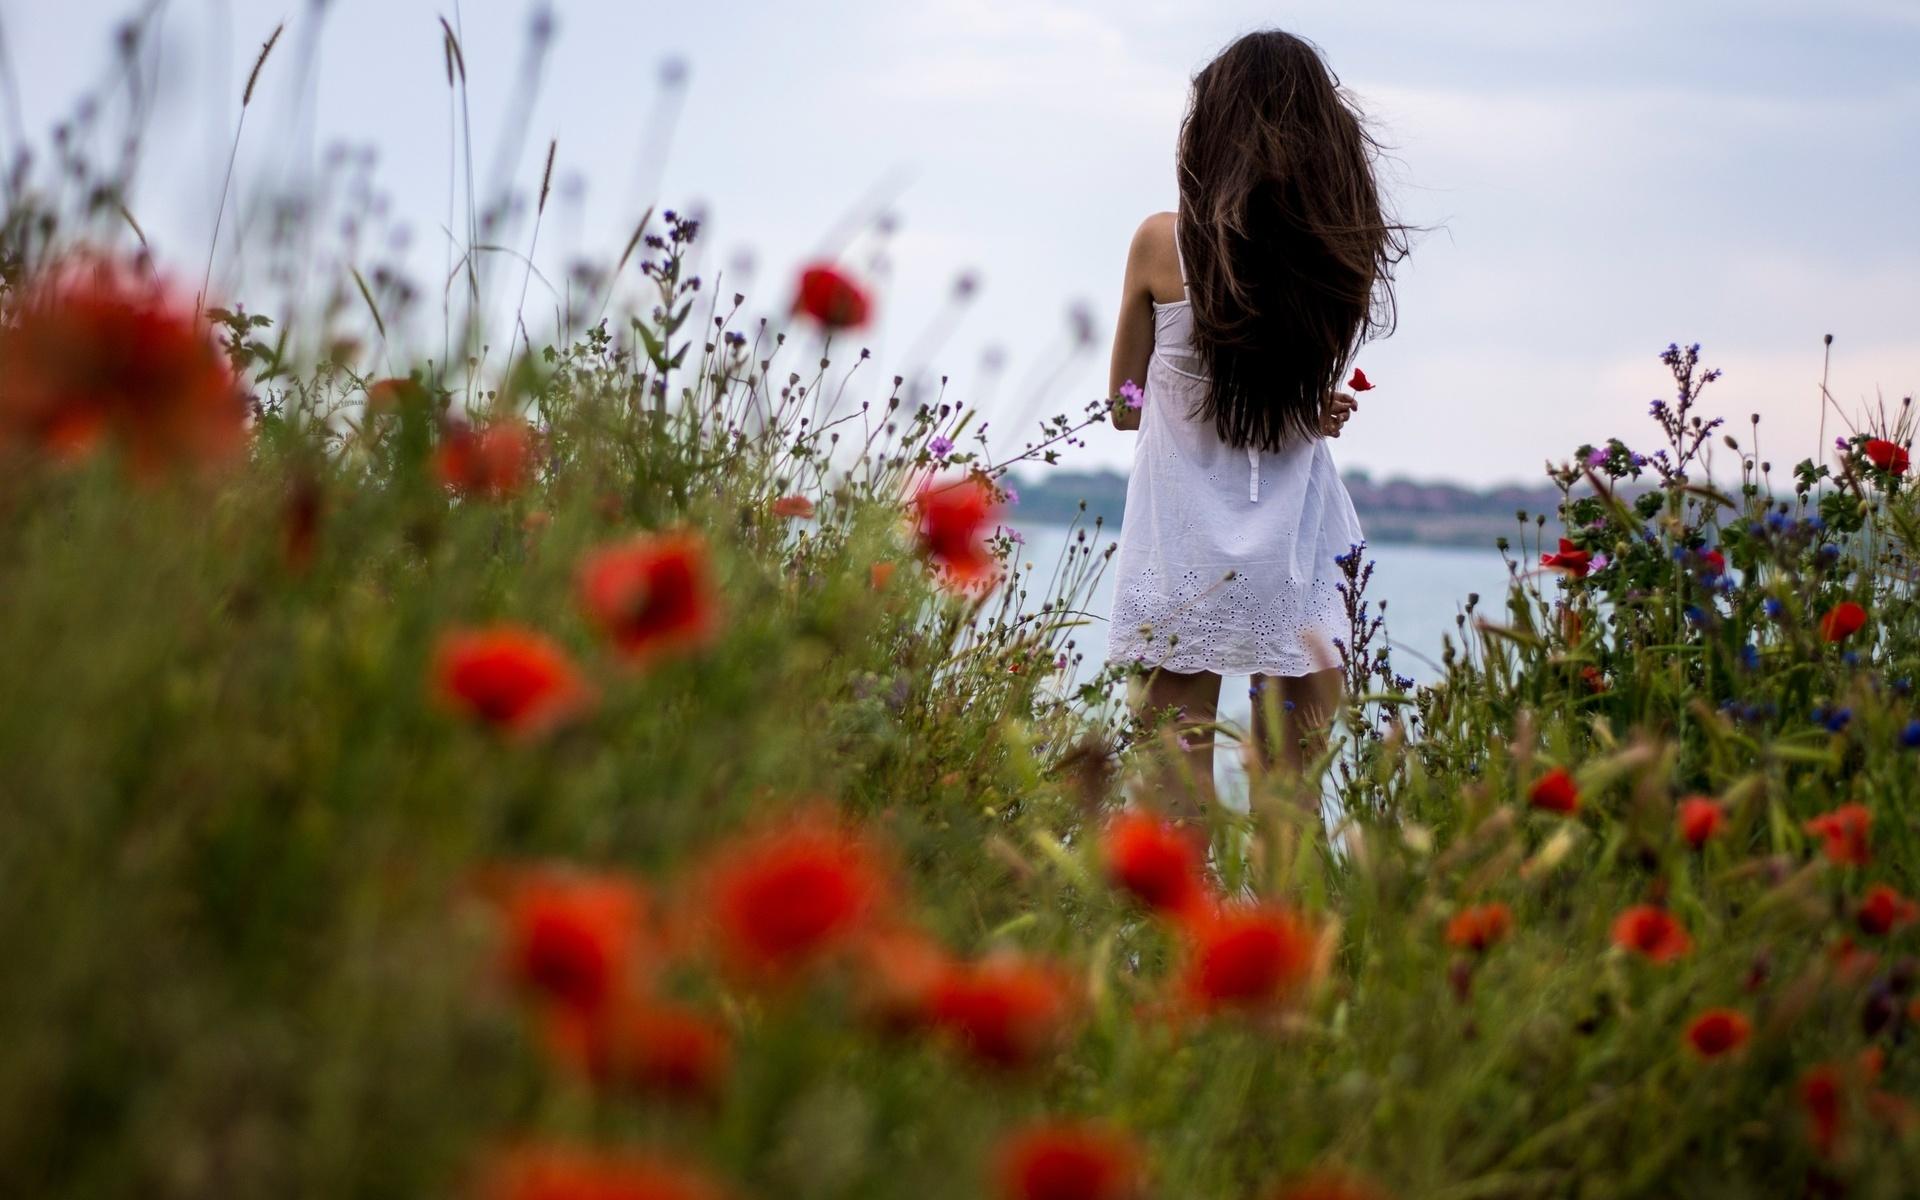 Картинки девушка в цветах спиной, анна картинки буквам